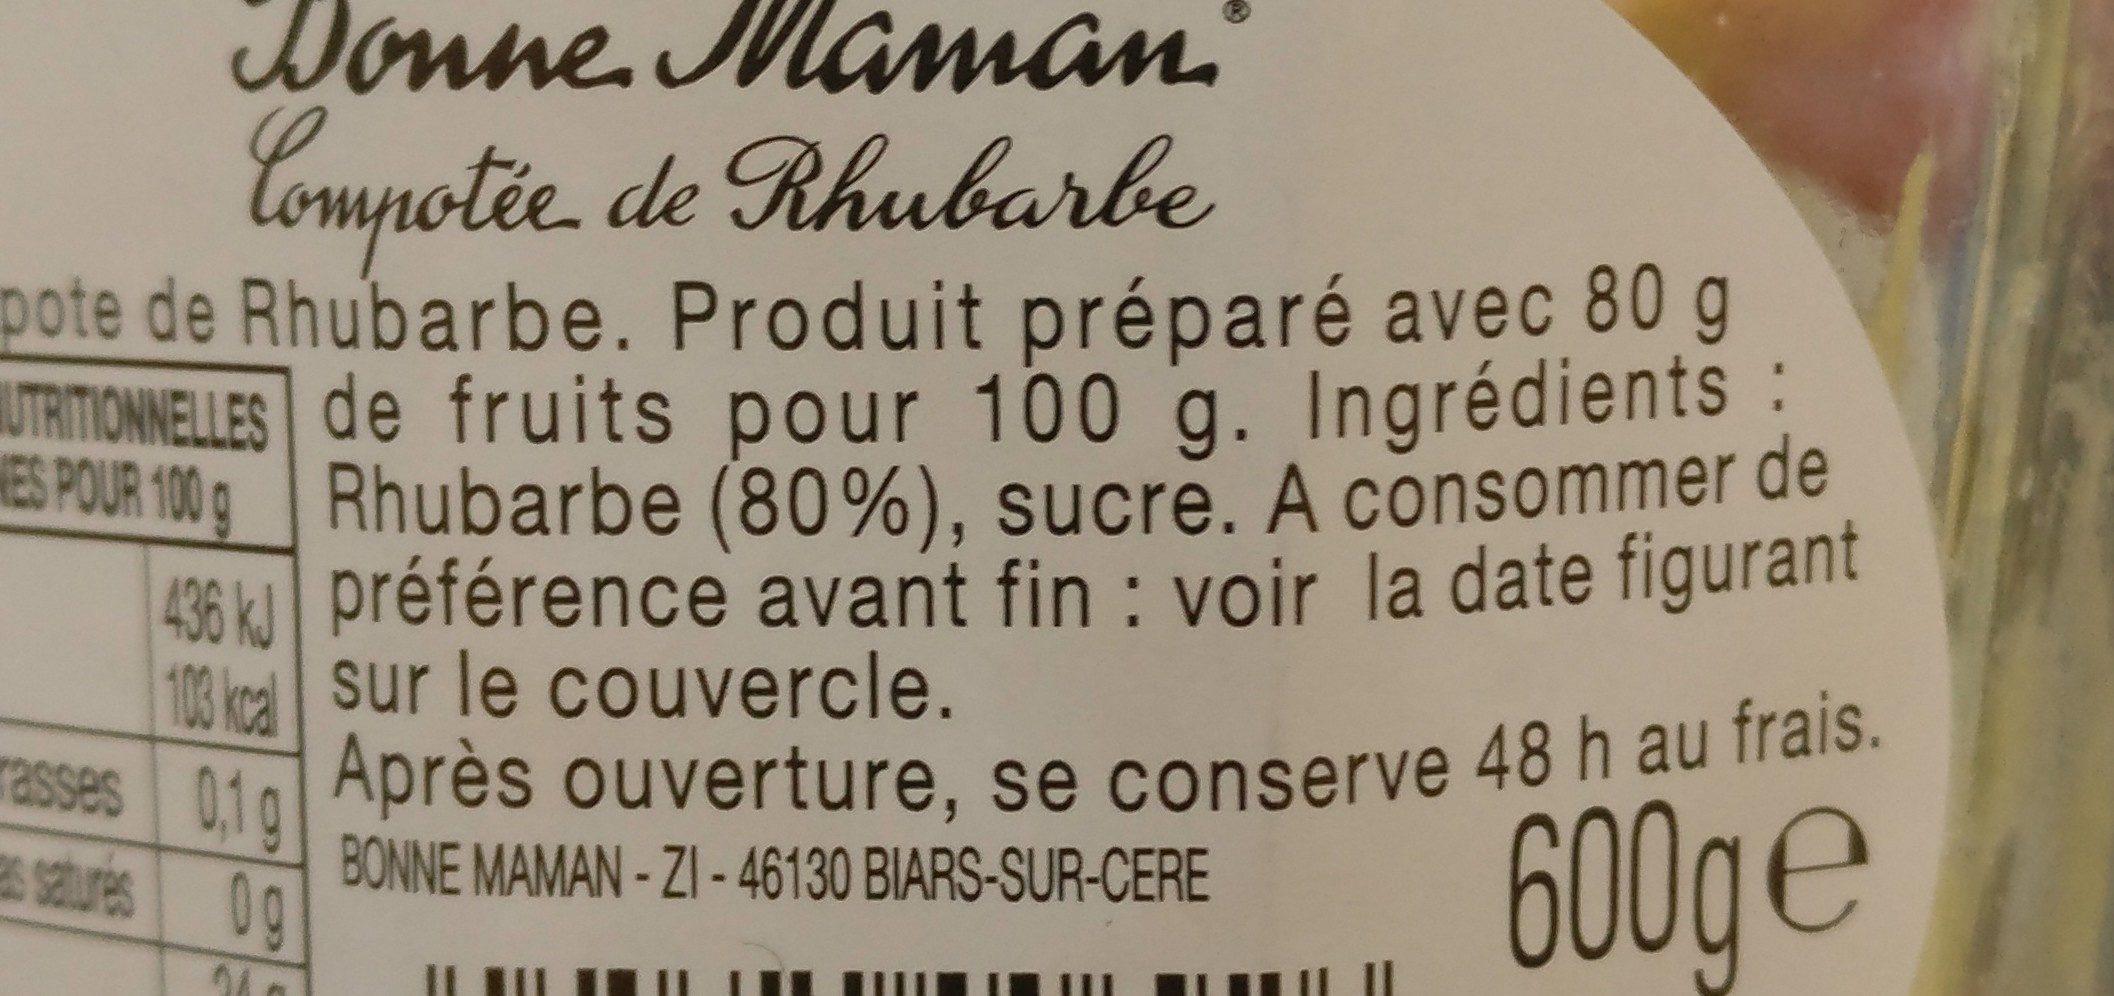 Compote de rhubarbe - Ingredients - fr